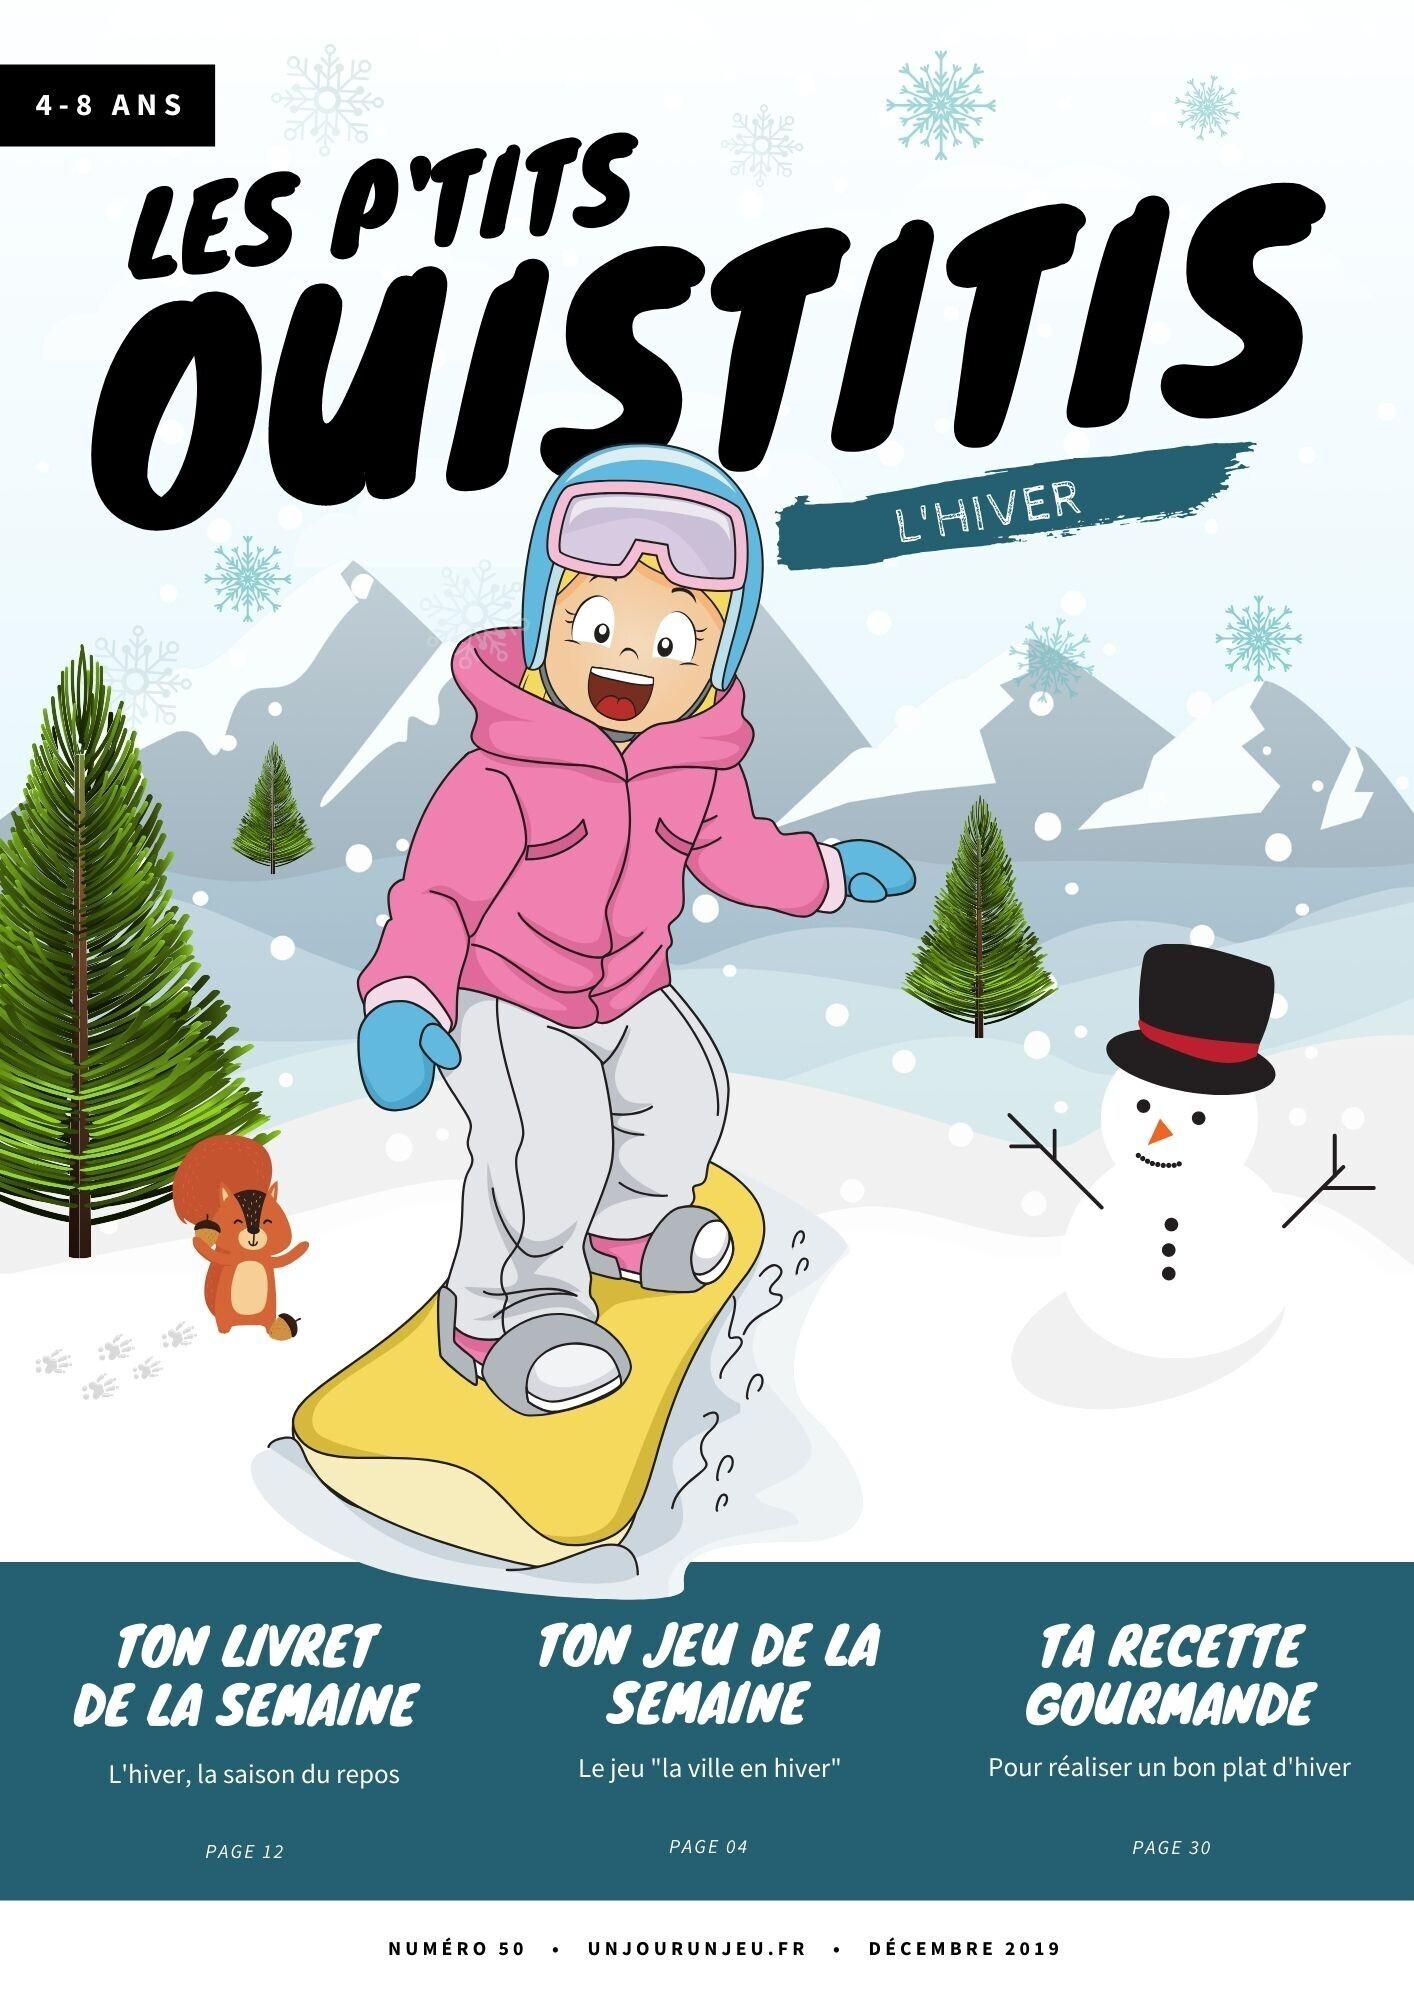 Les P'tits Ouistitis et l'hiver